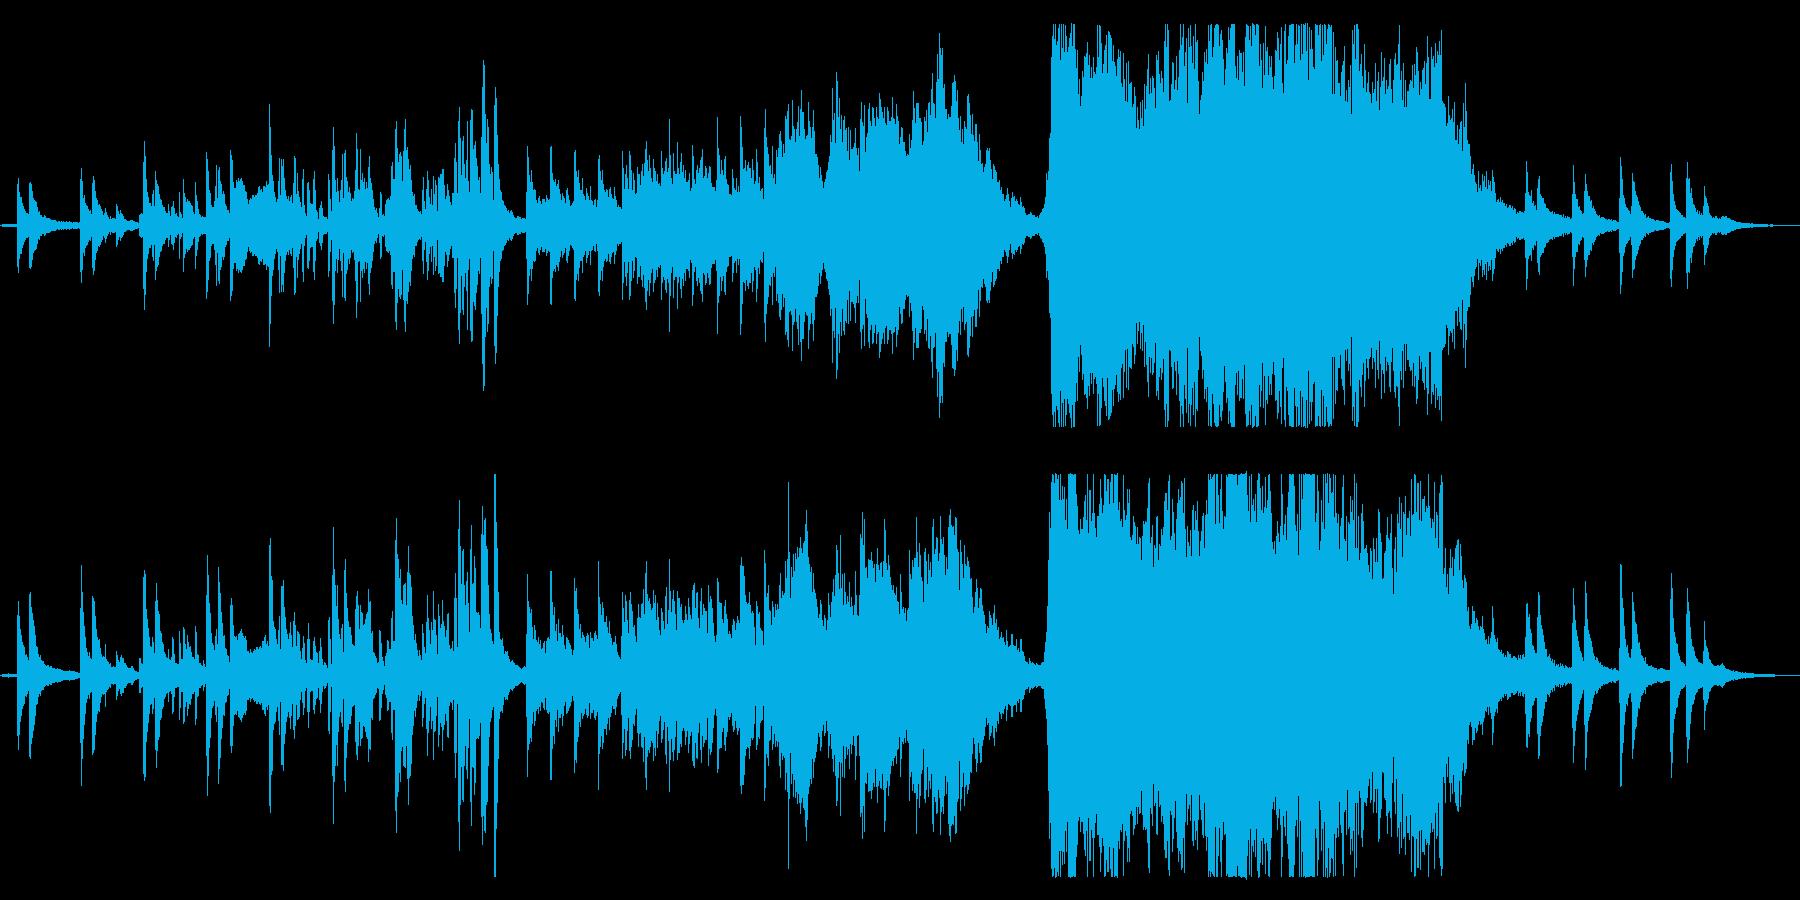 幻想的で壮大なピアノ協奏曲の再生済みの波形